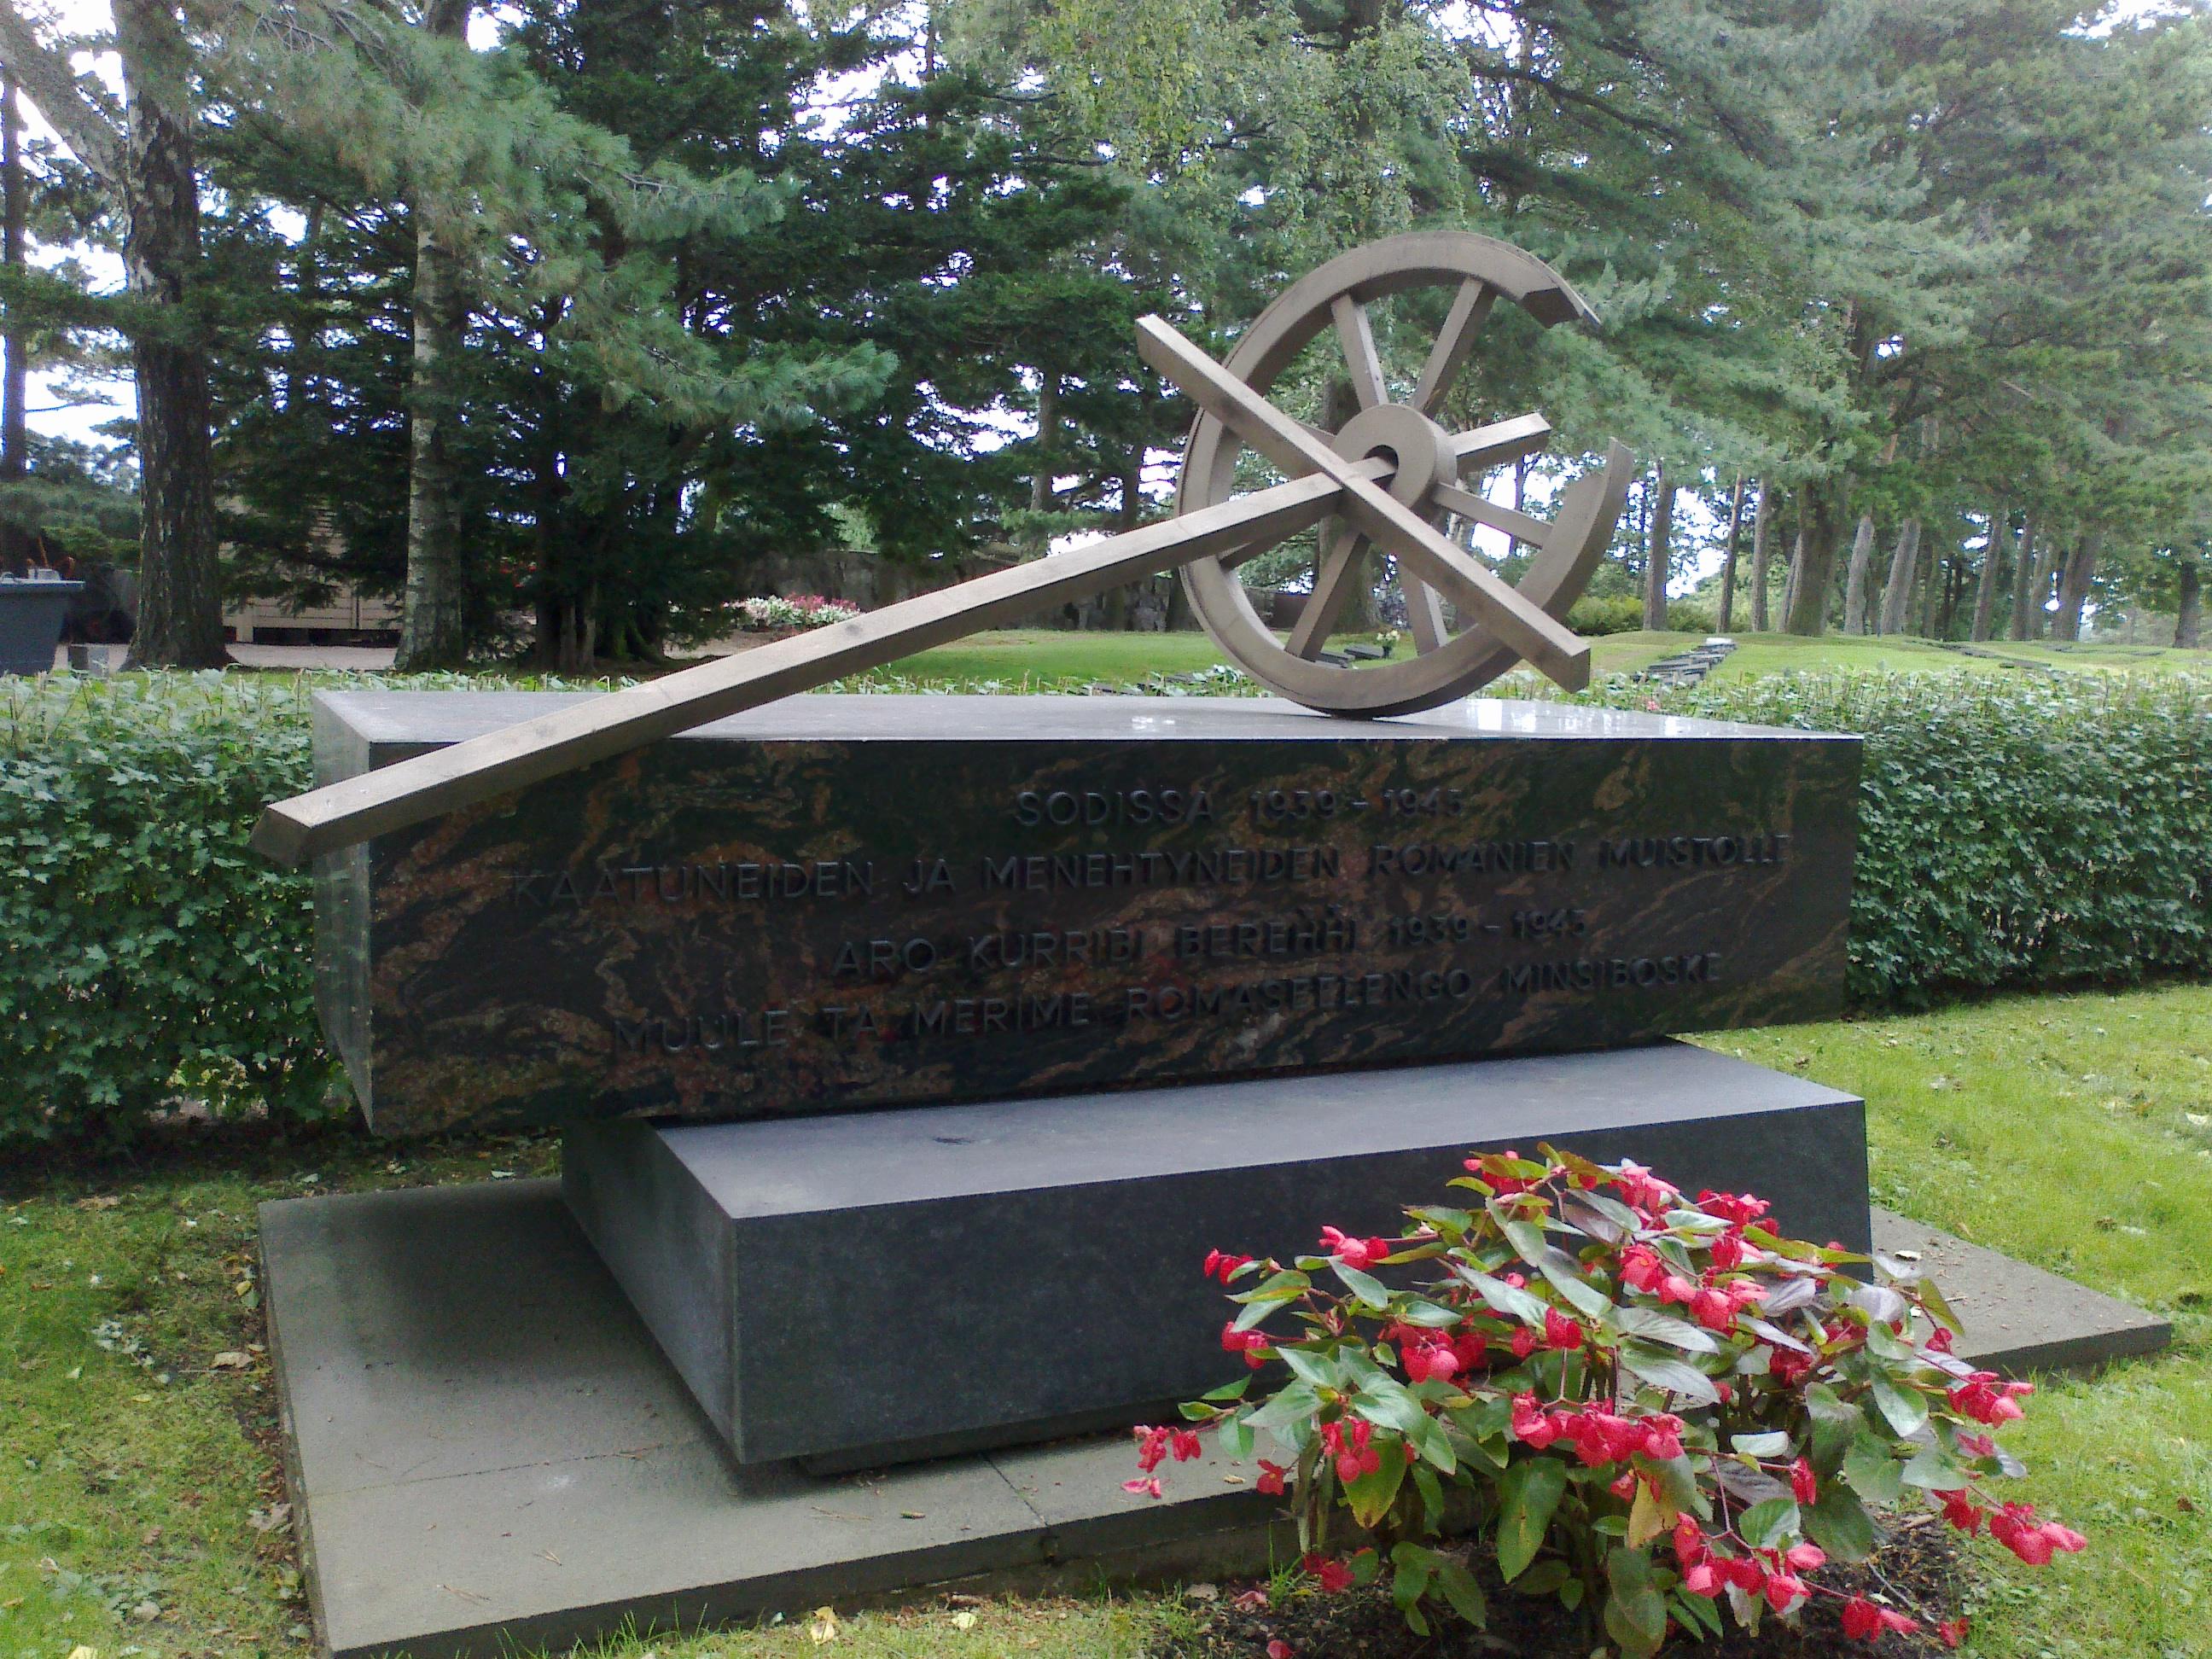 File:Sodissa 1939-1945 kaatuneiden romanien muistomerkki, Hietaniemen hautausmaa Helsinki.jpg ...